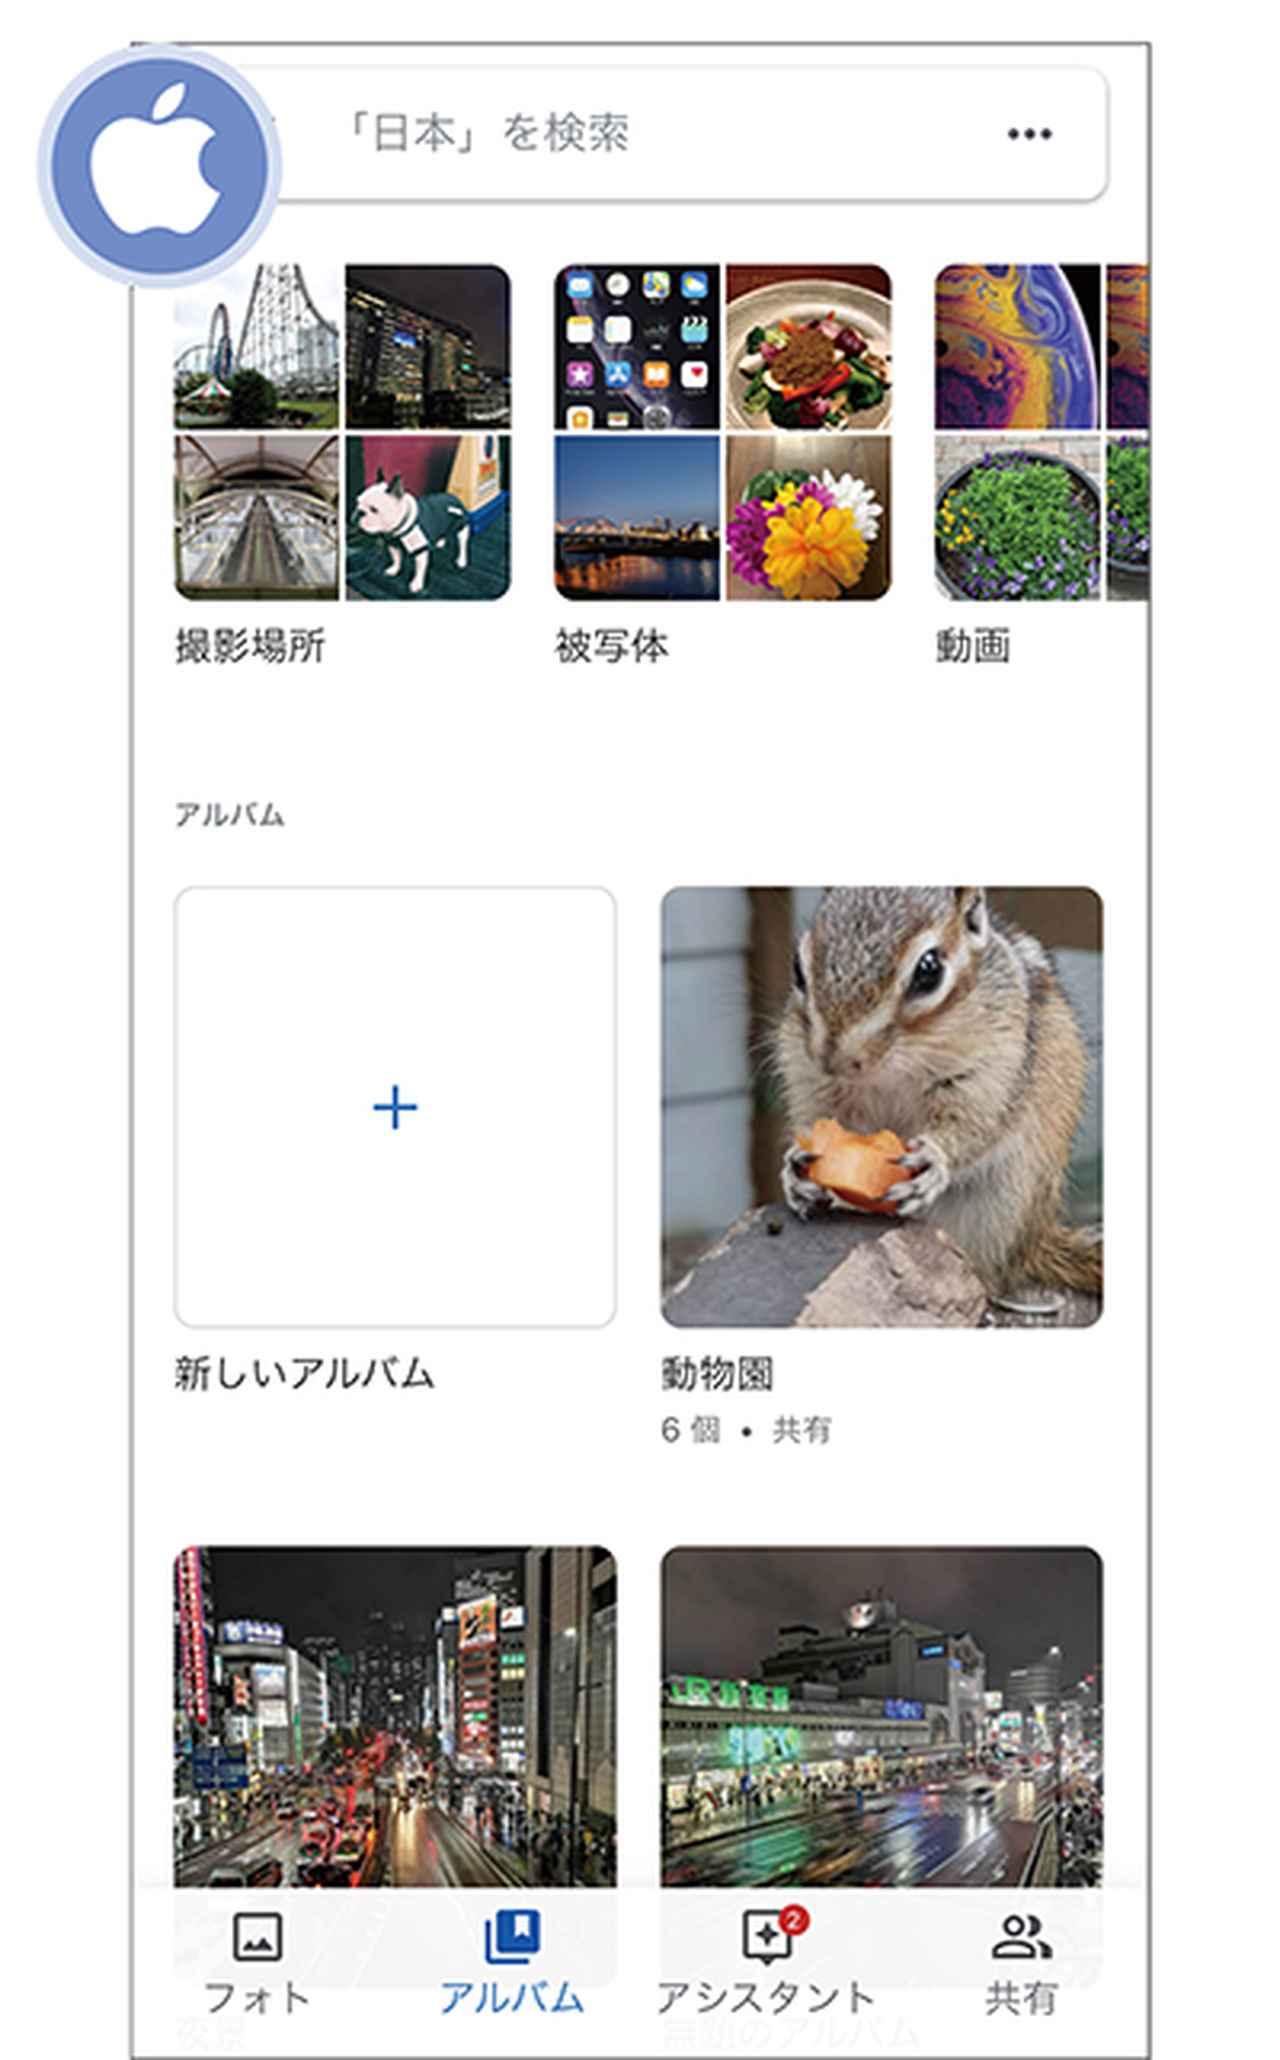 画像: App Storeから「Googleフォト」をダウンロードして、Googleアカウントを設定しよう。iPhoneで撮った写真を無料でバックアップできる。